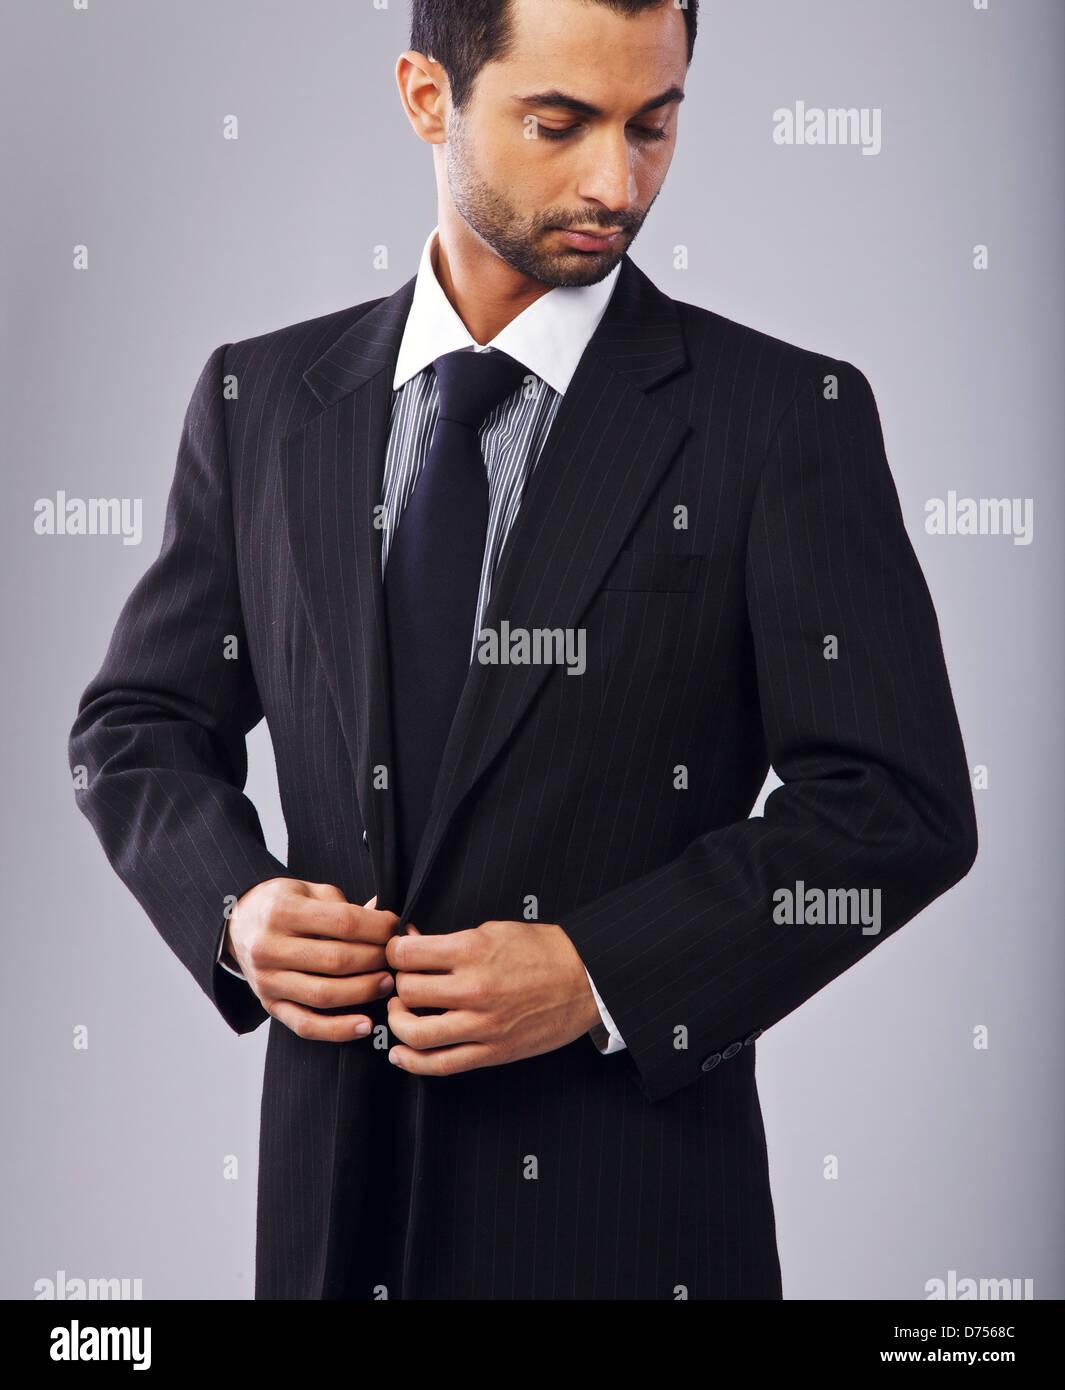 Portrait d'un homme élégant à boutonner son habit Photo Stock